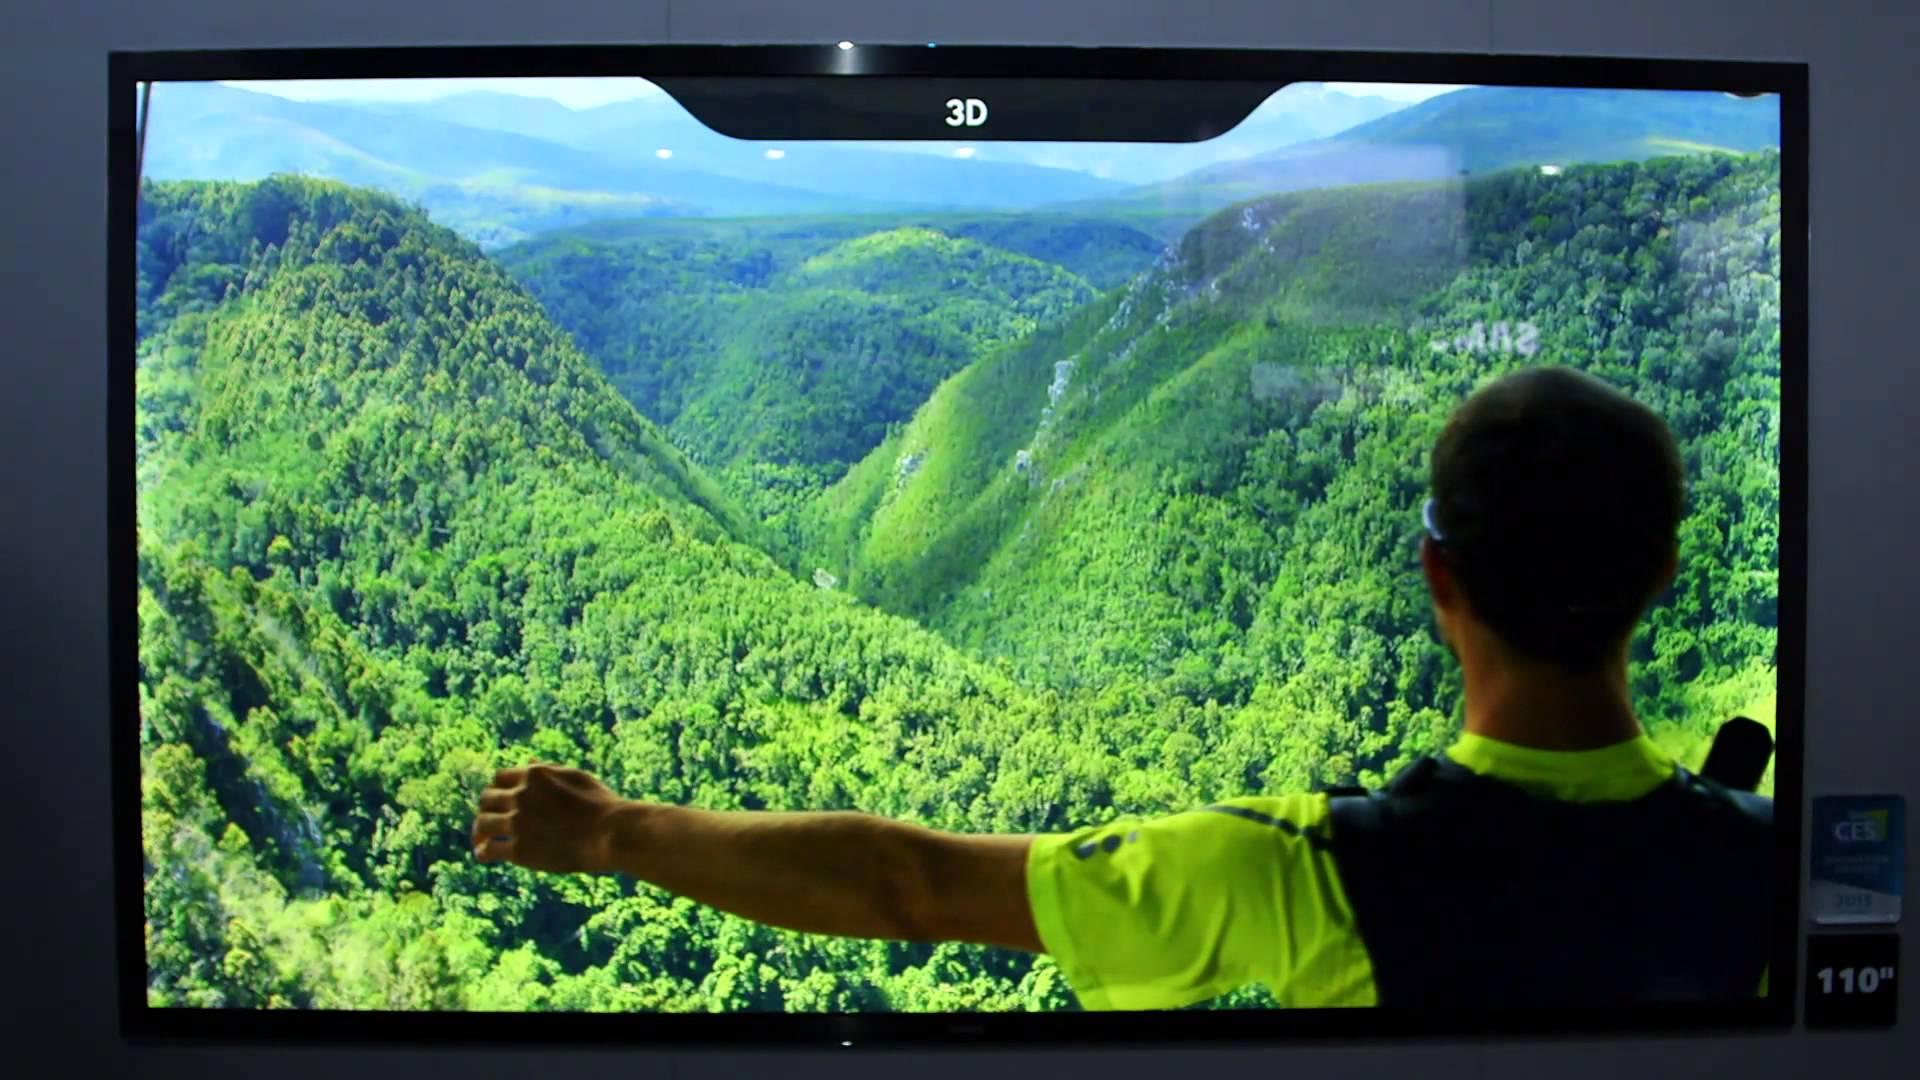 Samsung TV Wallpaper - WallpaperSafari